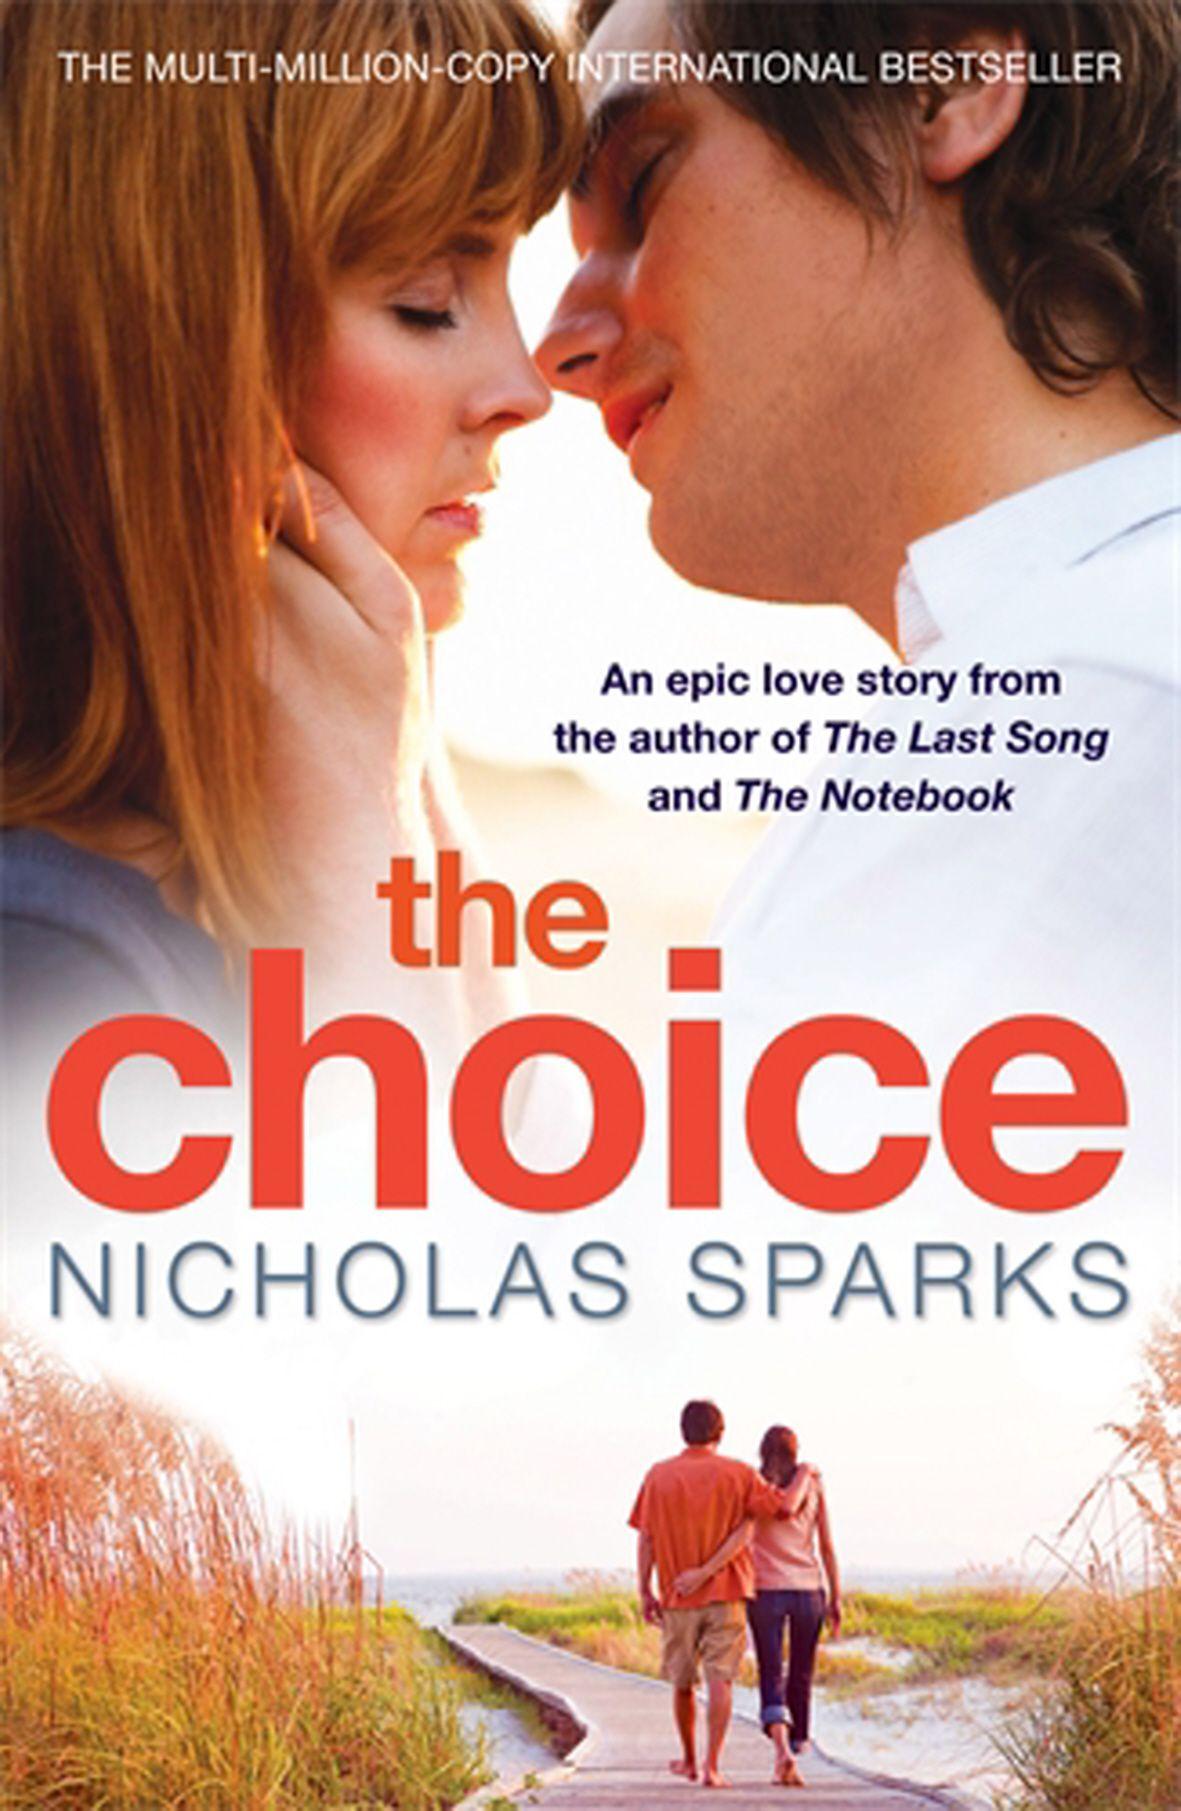 the choice nicholas sparks s sparks nicholas grisham the choice nicholas sparks